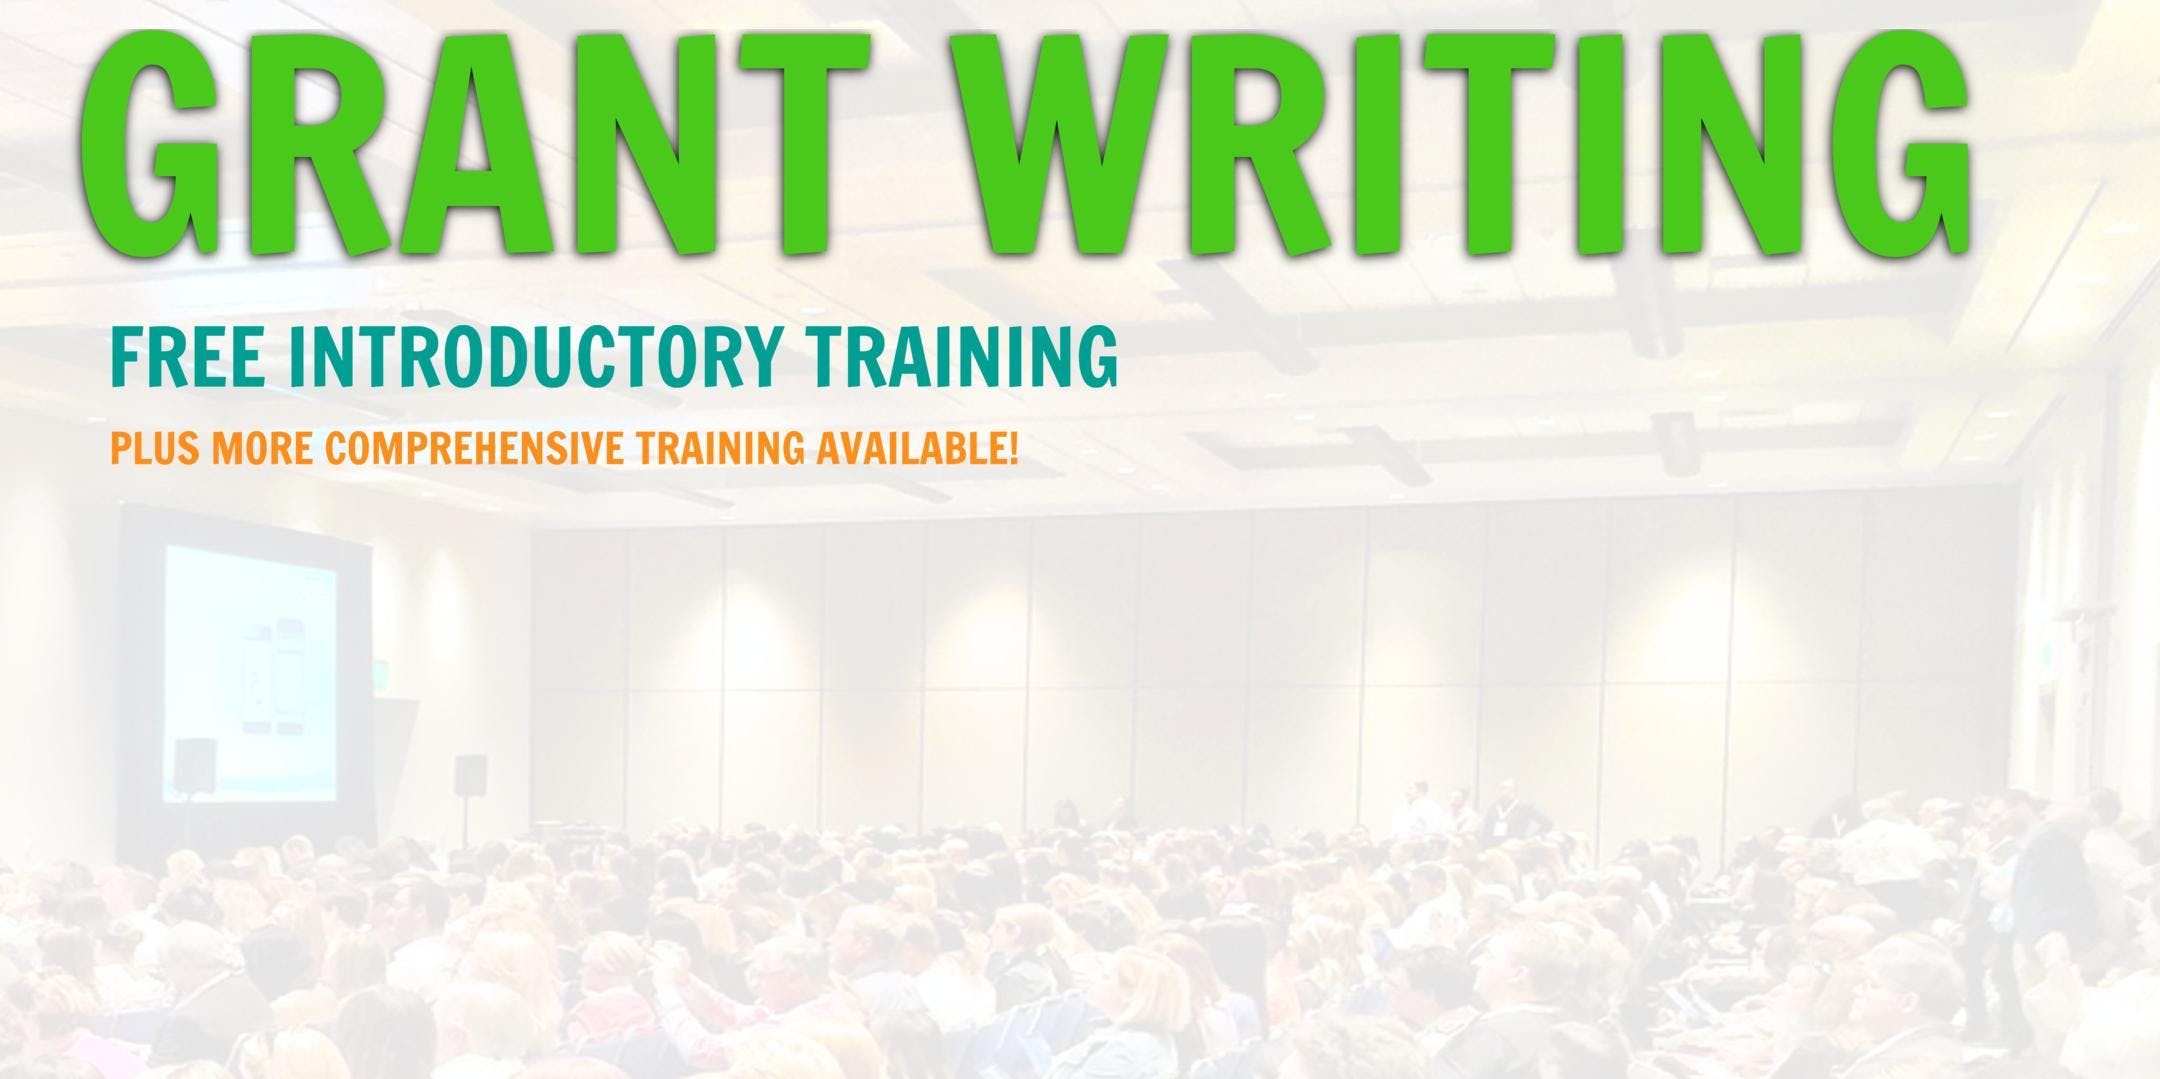 Grant Writing Introductory Training... Cedar